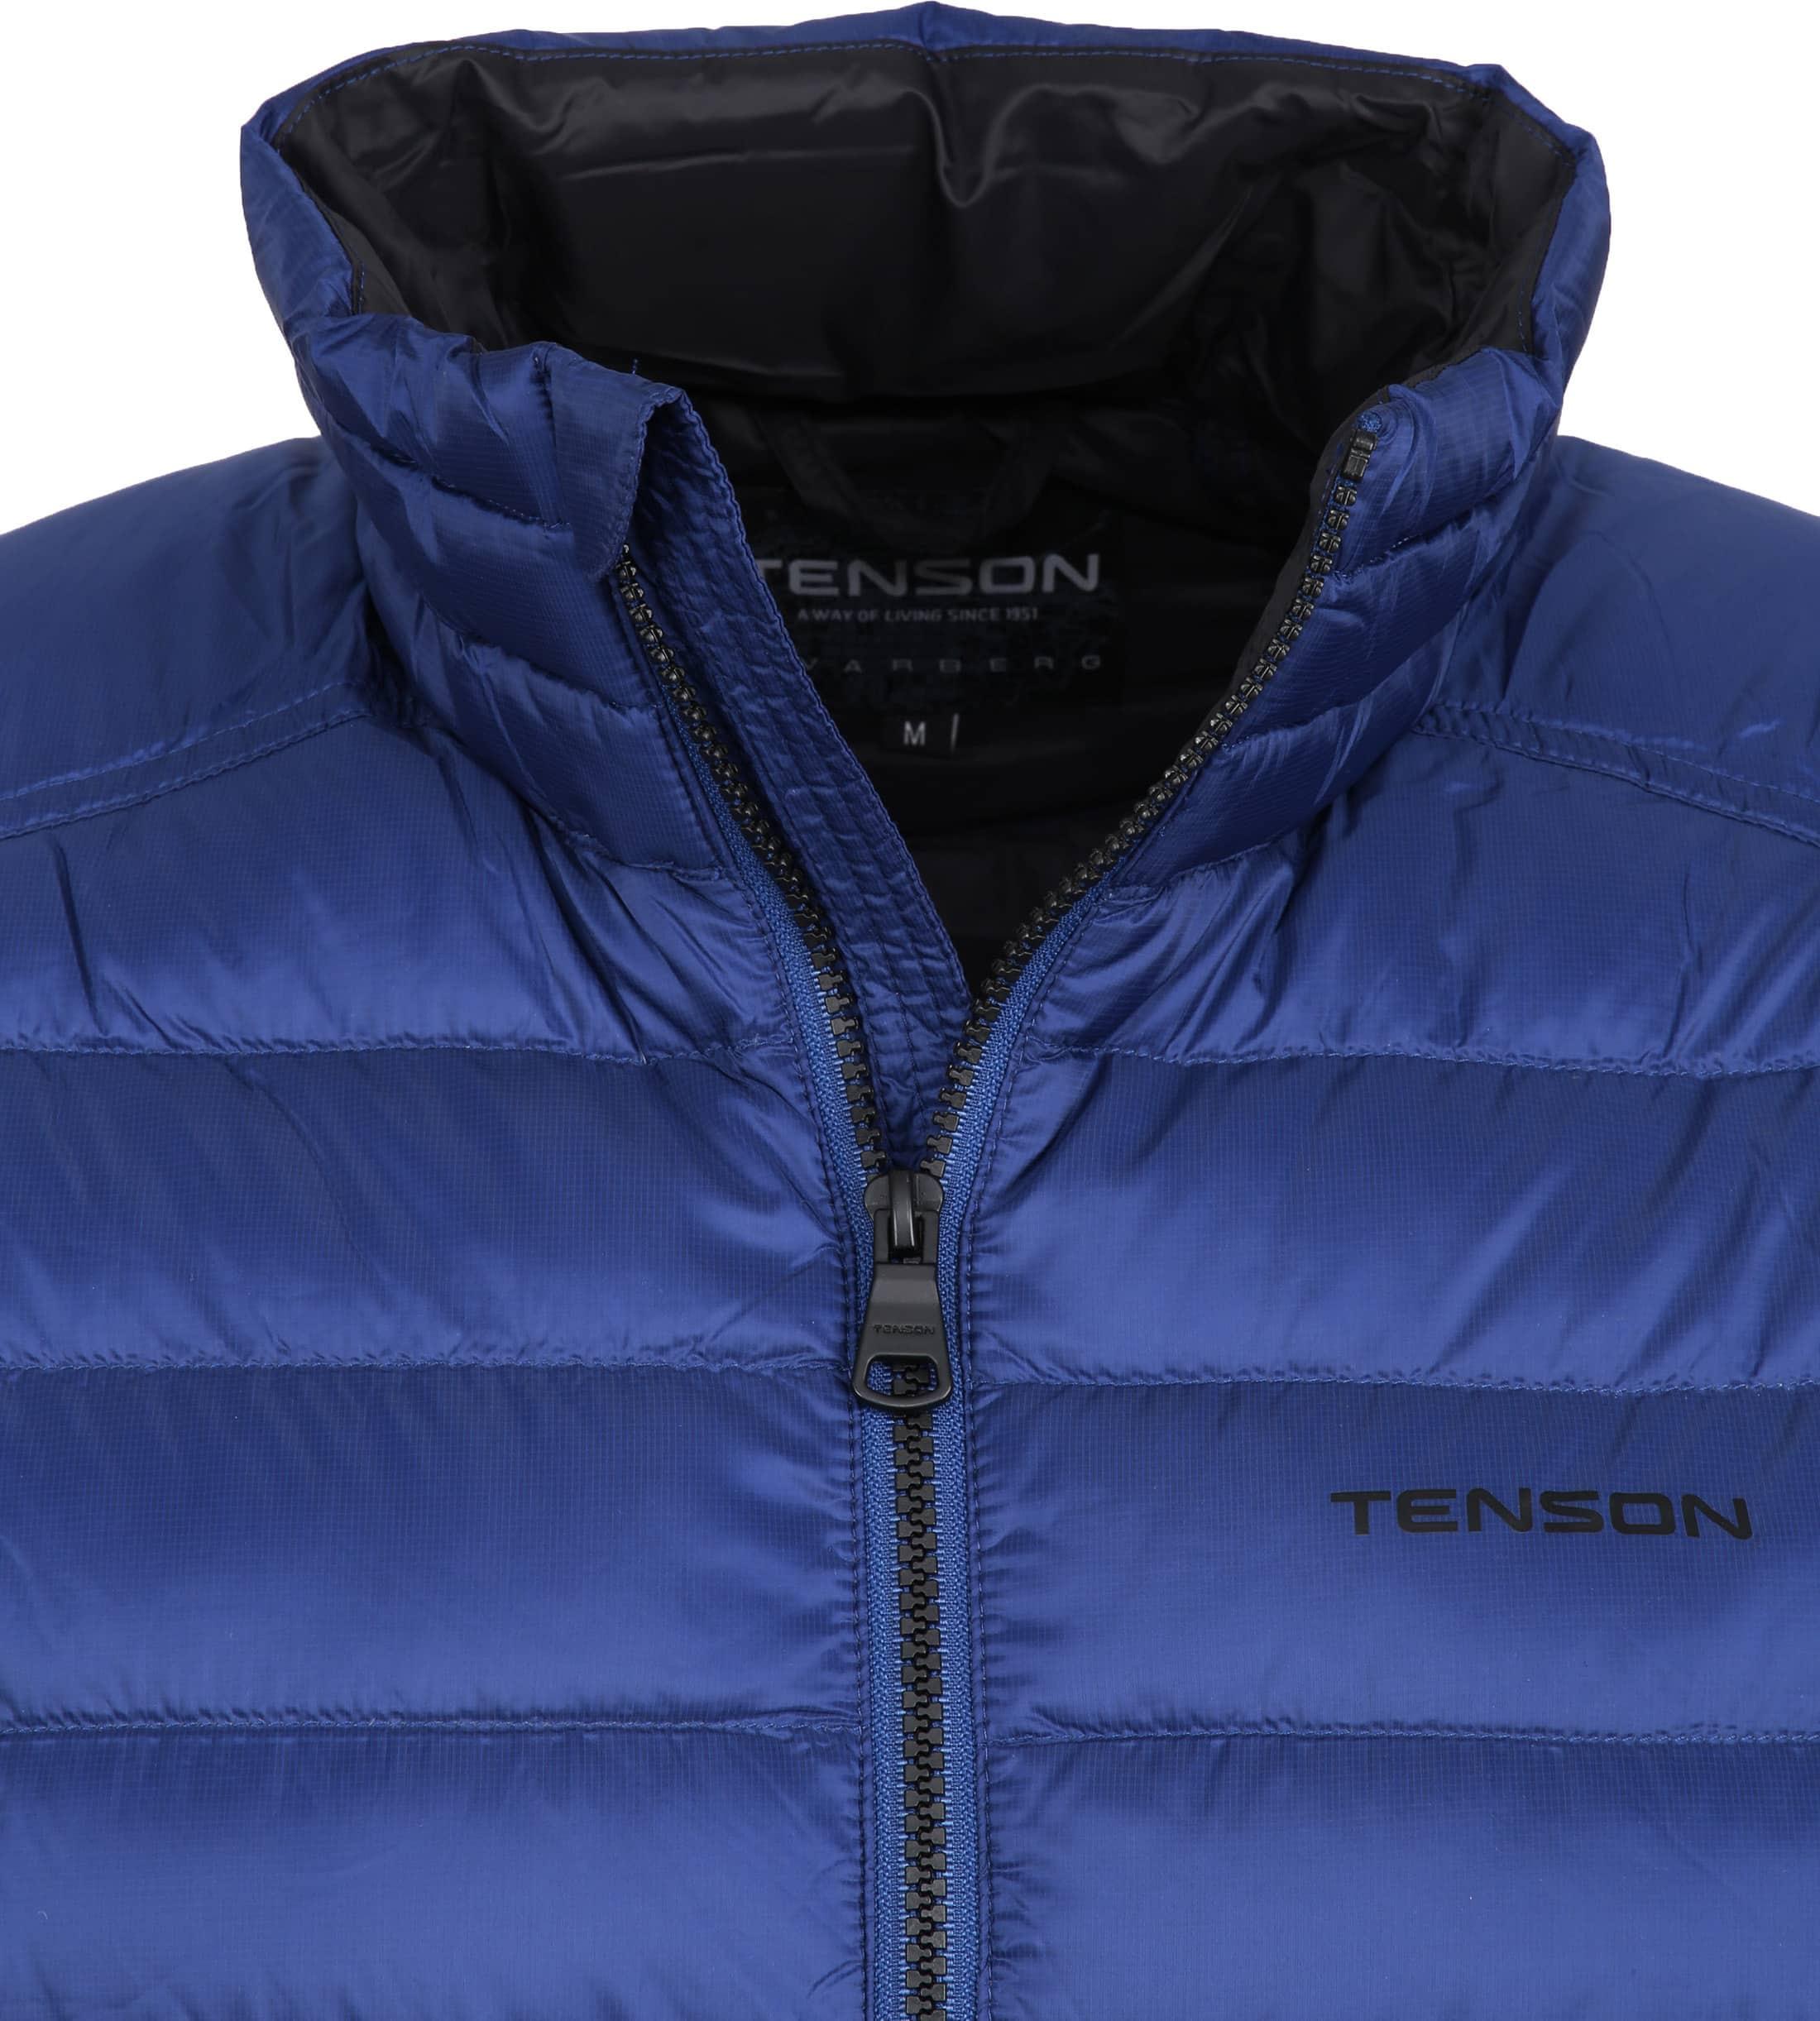 Tenson Manolo Jacket Blue foto 1